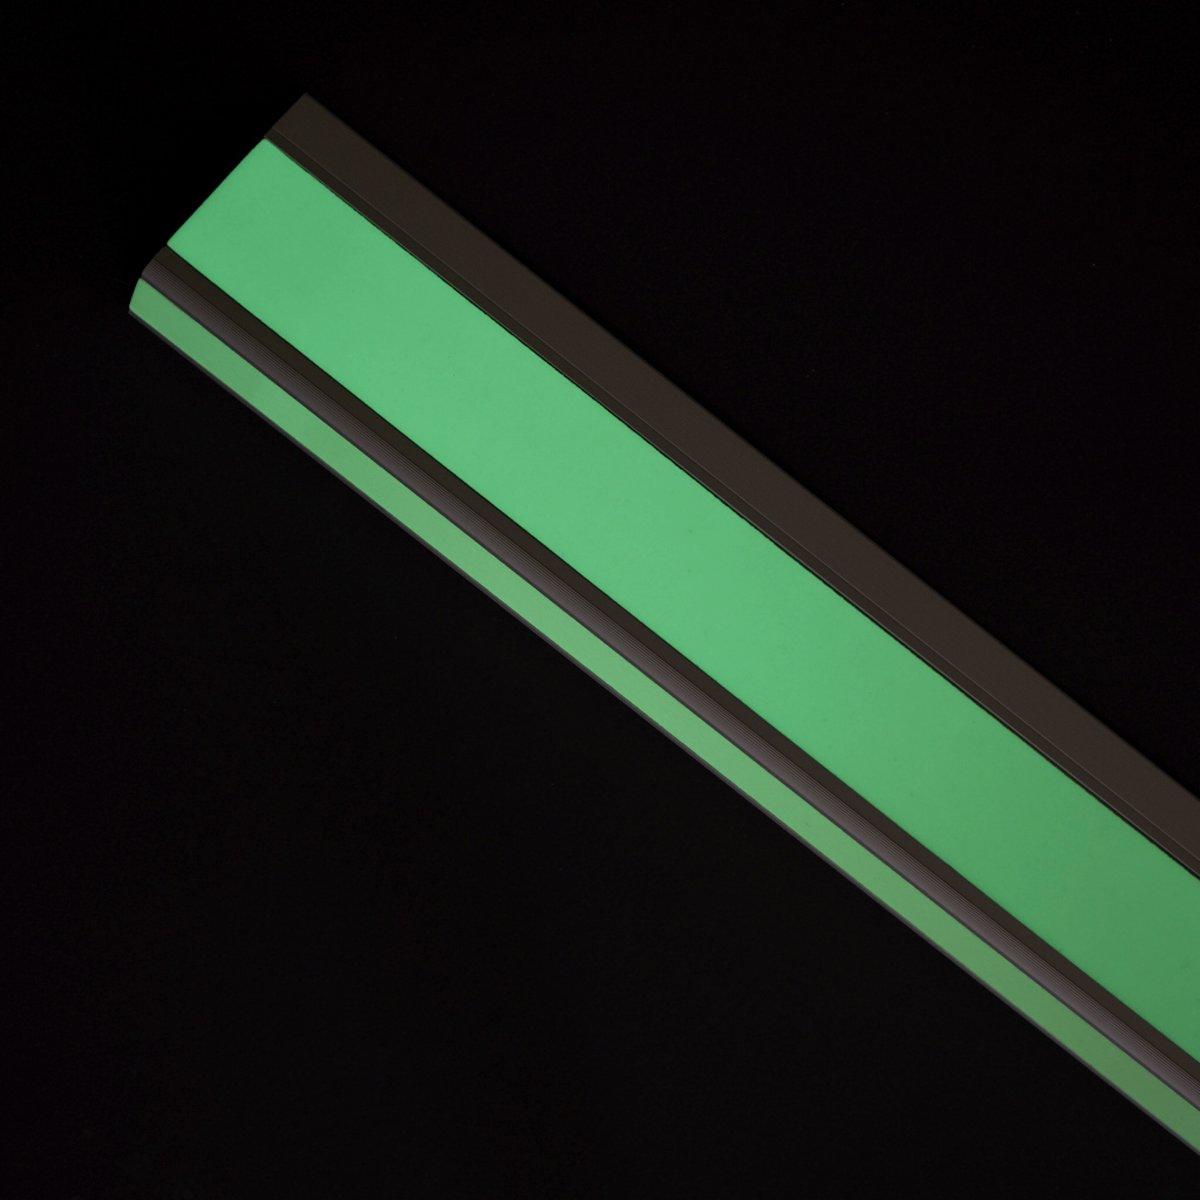 Fotoluminescerend trapprofiel egaal, montage dmv dubbelzijdig tape kopen